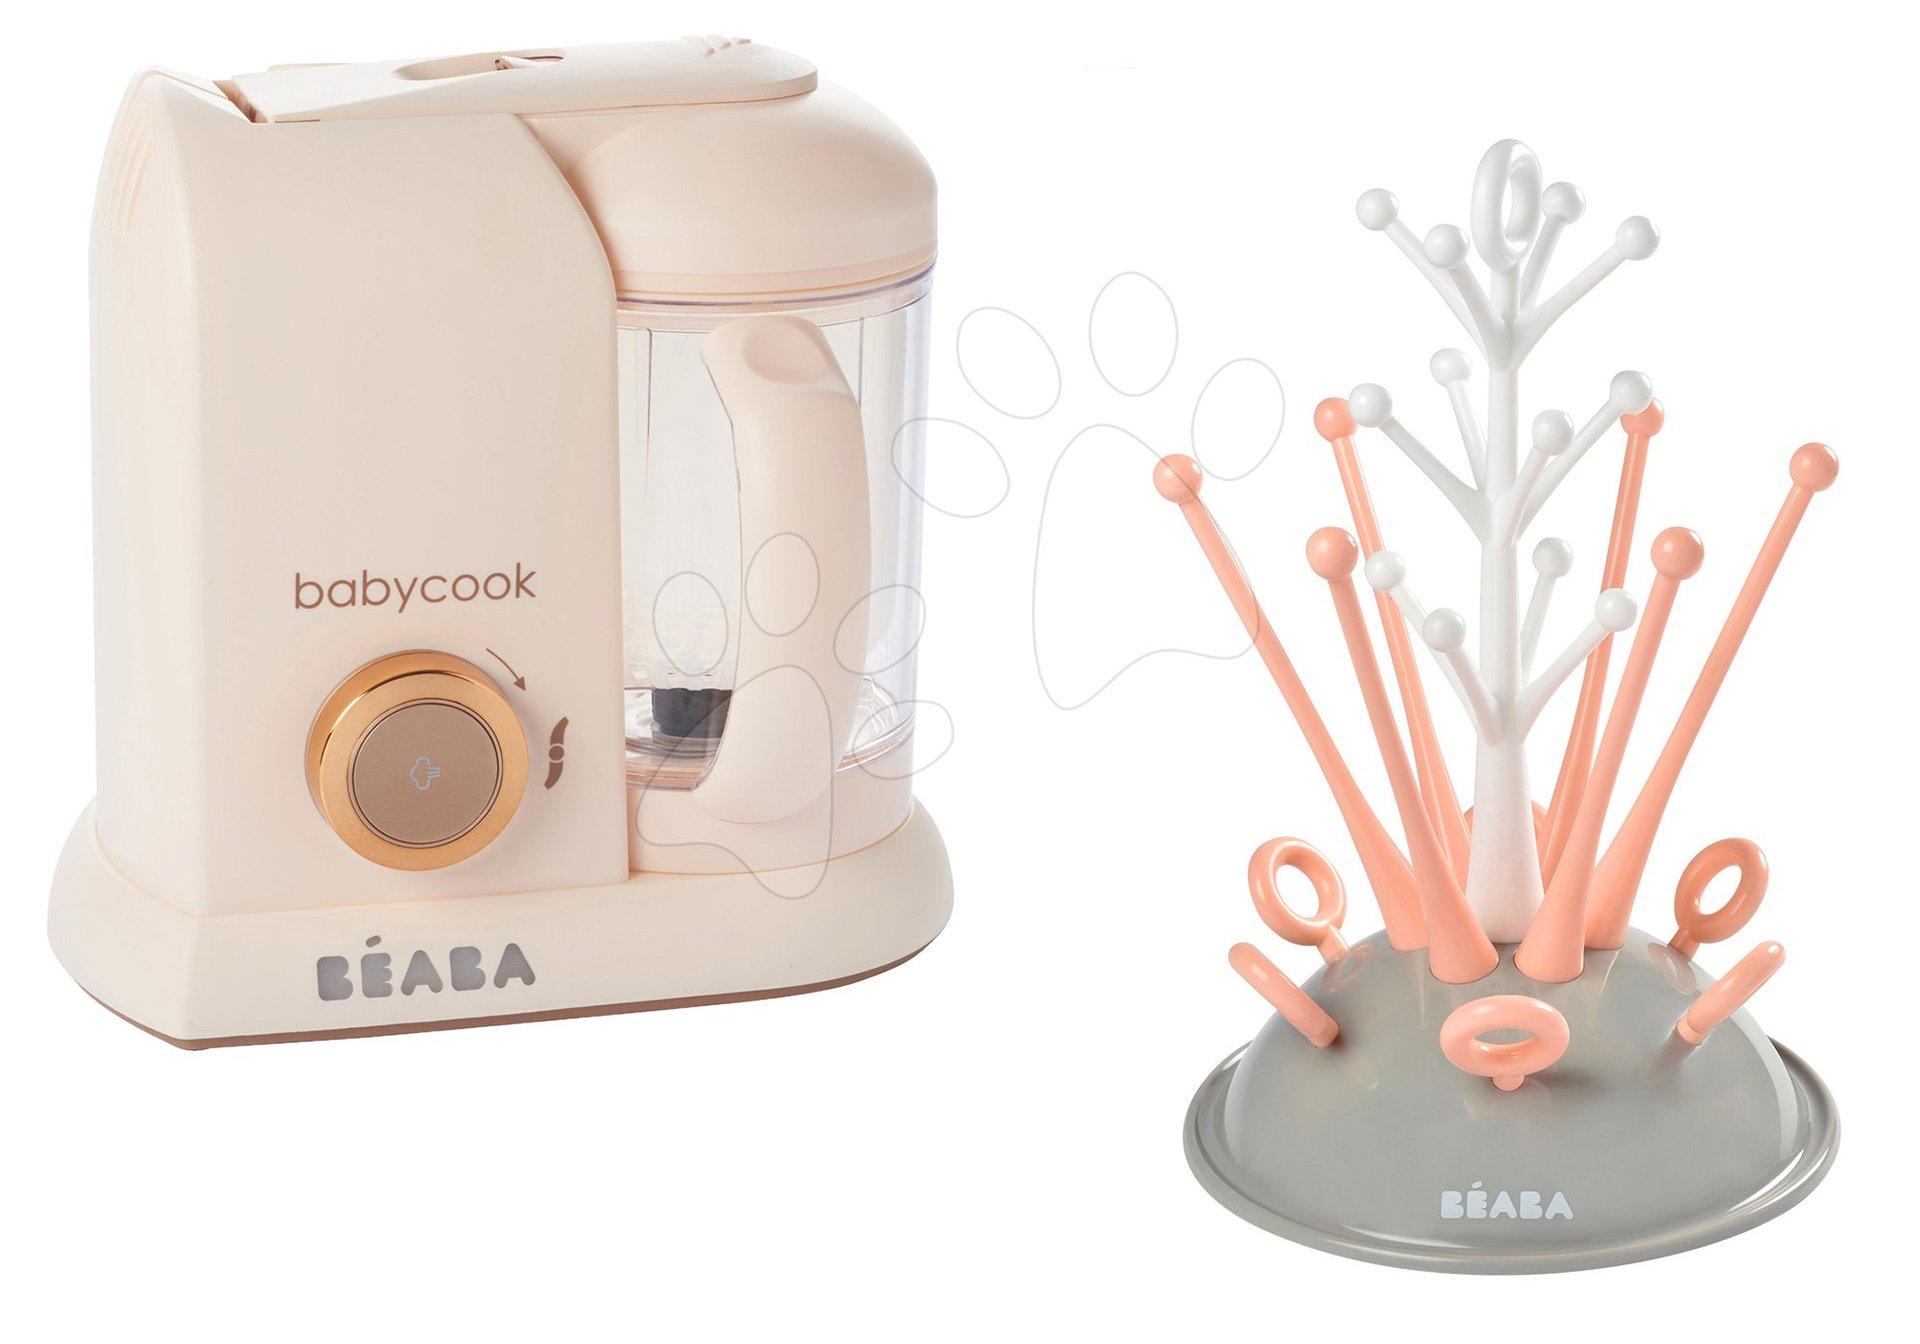 Set parný varič a mixér Babycook Solo Rose Gold Beaba limitovaná edícia a darček odkvapávač dojčenských fliaš Strom od 0 mesiacov